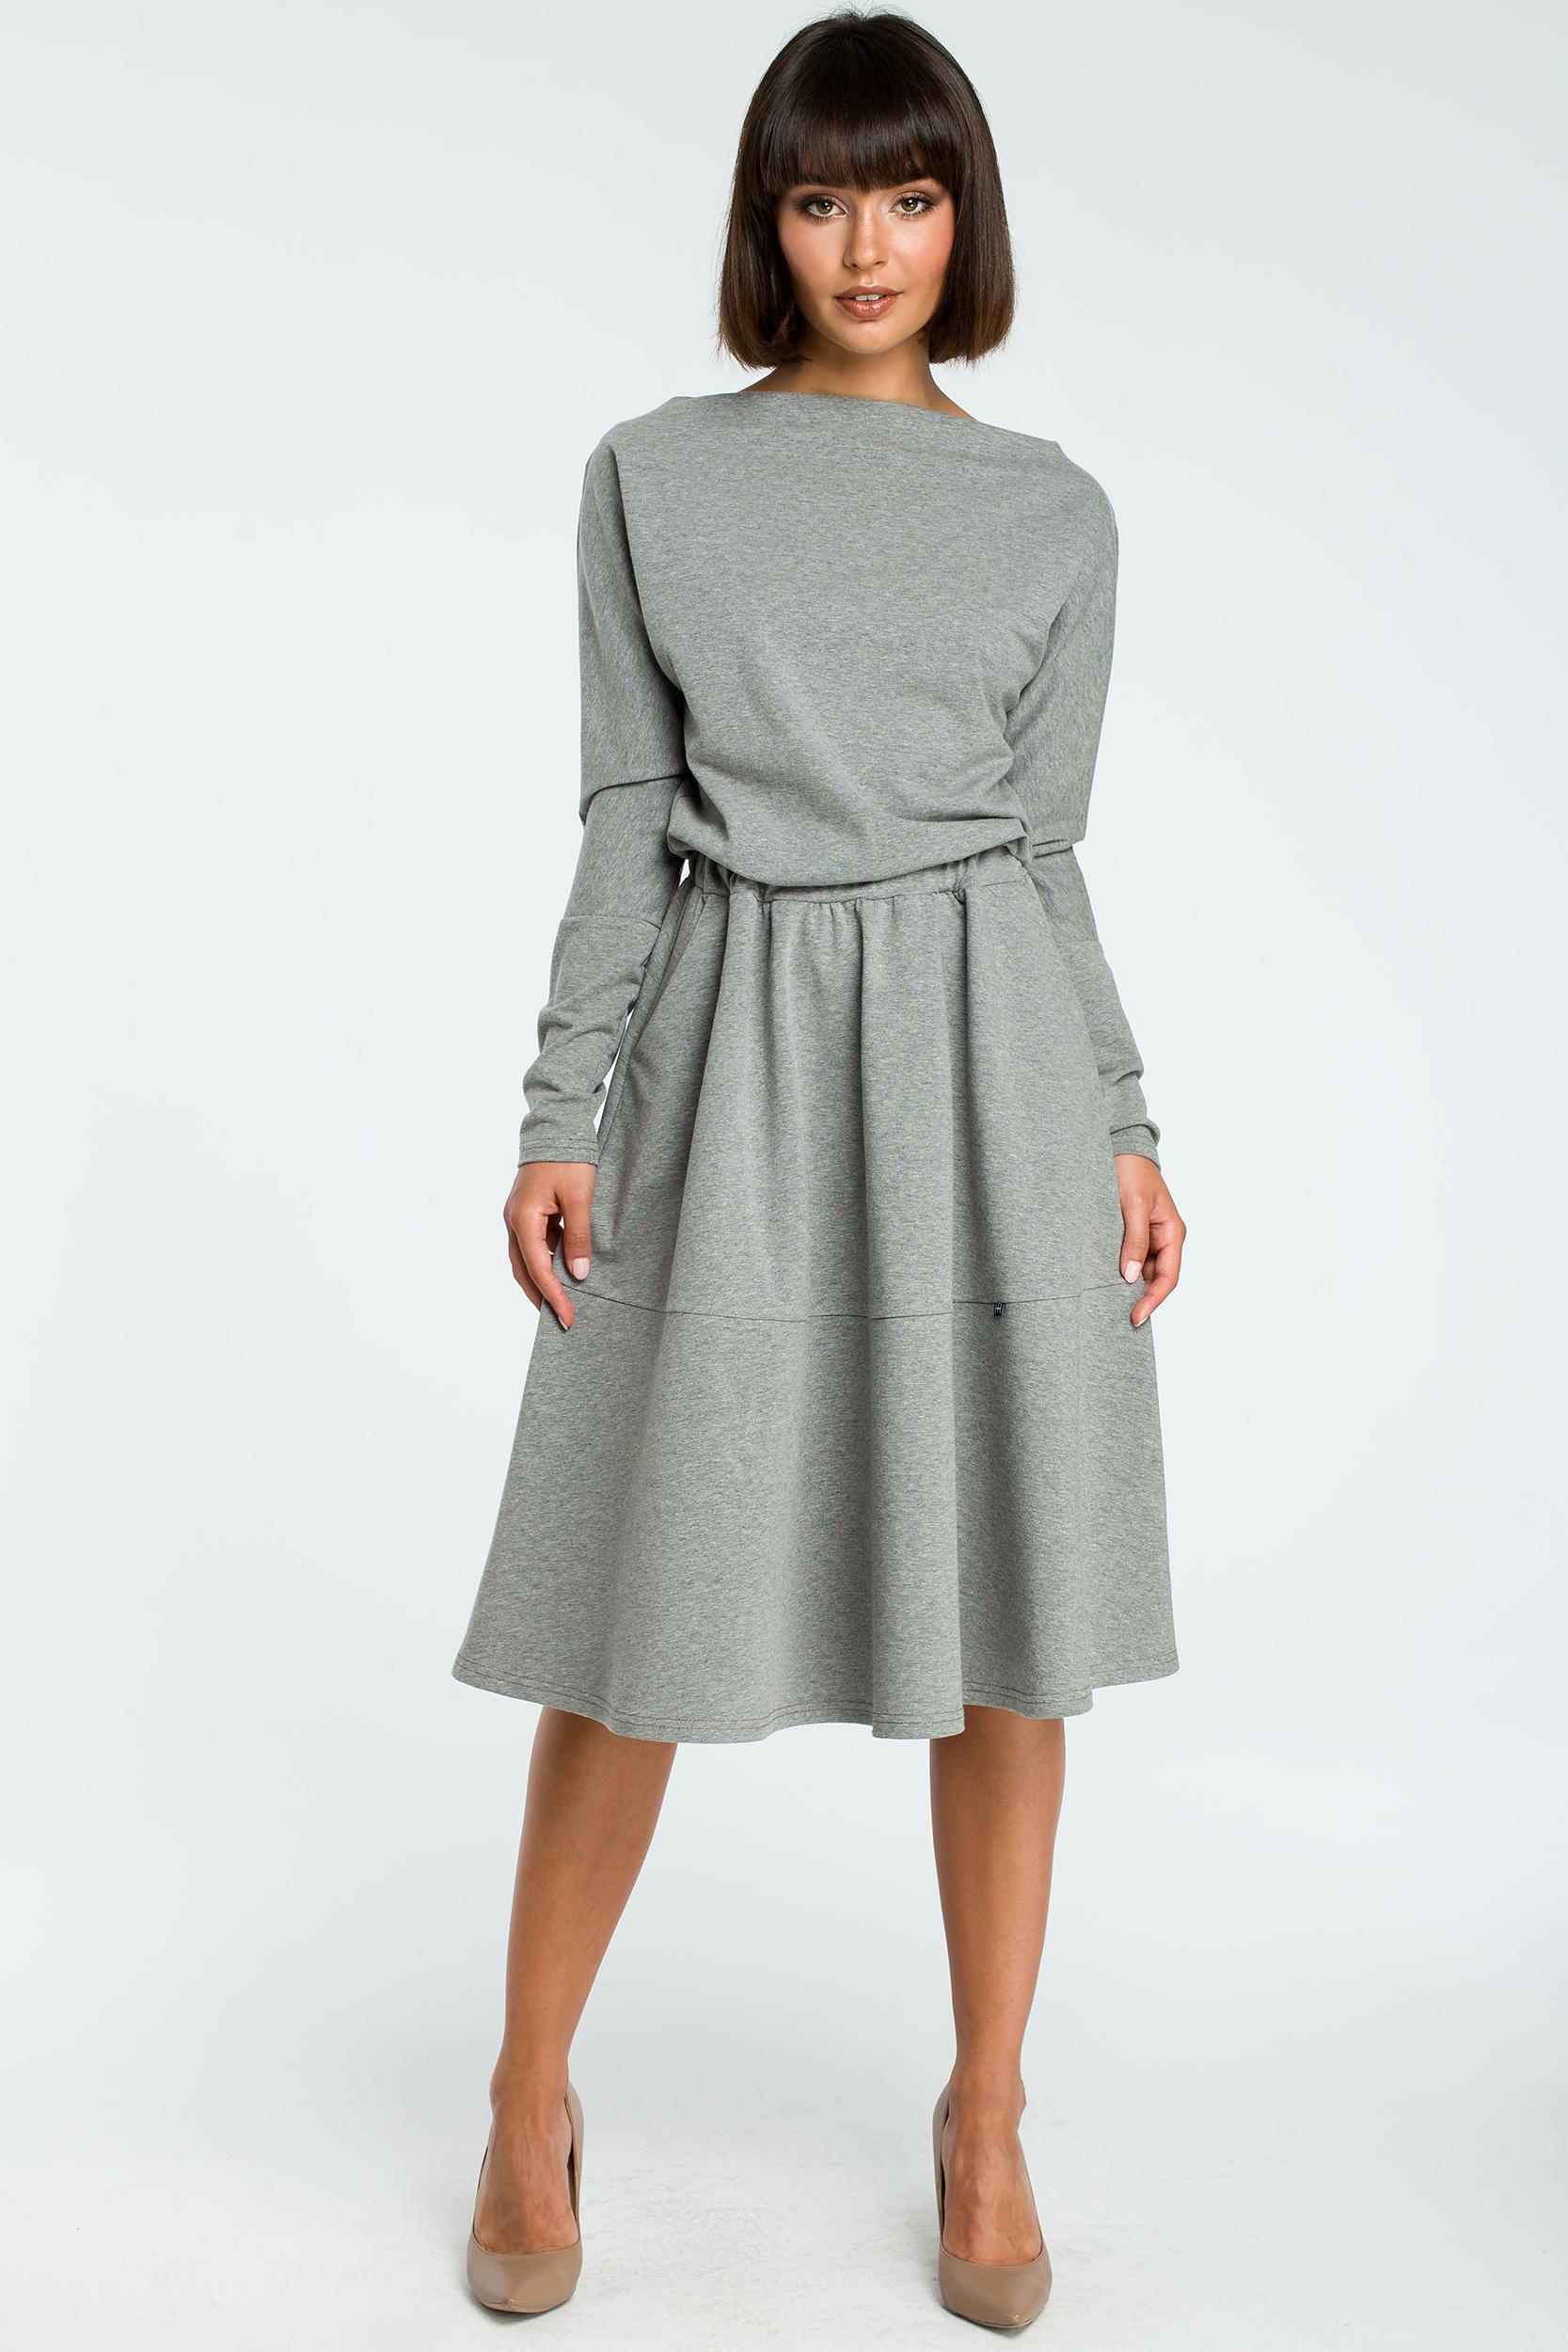 8743d80c5d CM3816 Rozkloszowana sukienka z długim rękawem - szara ...